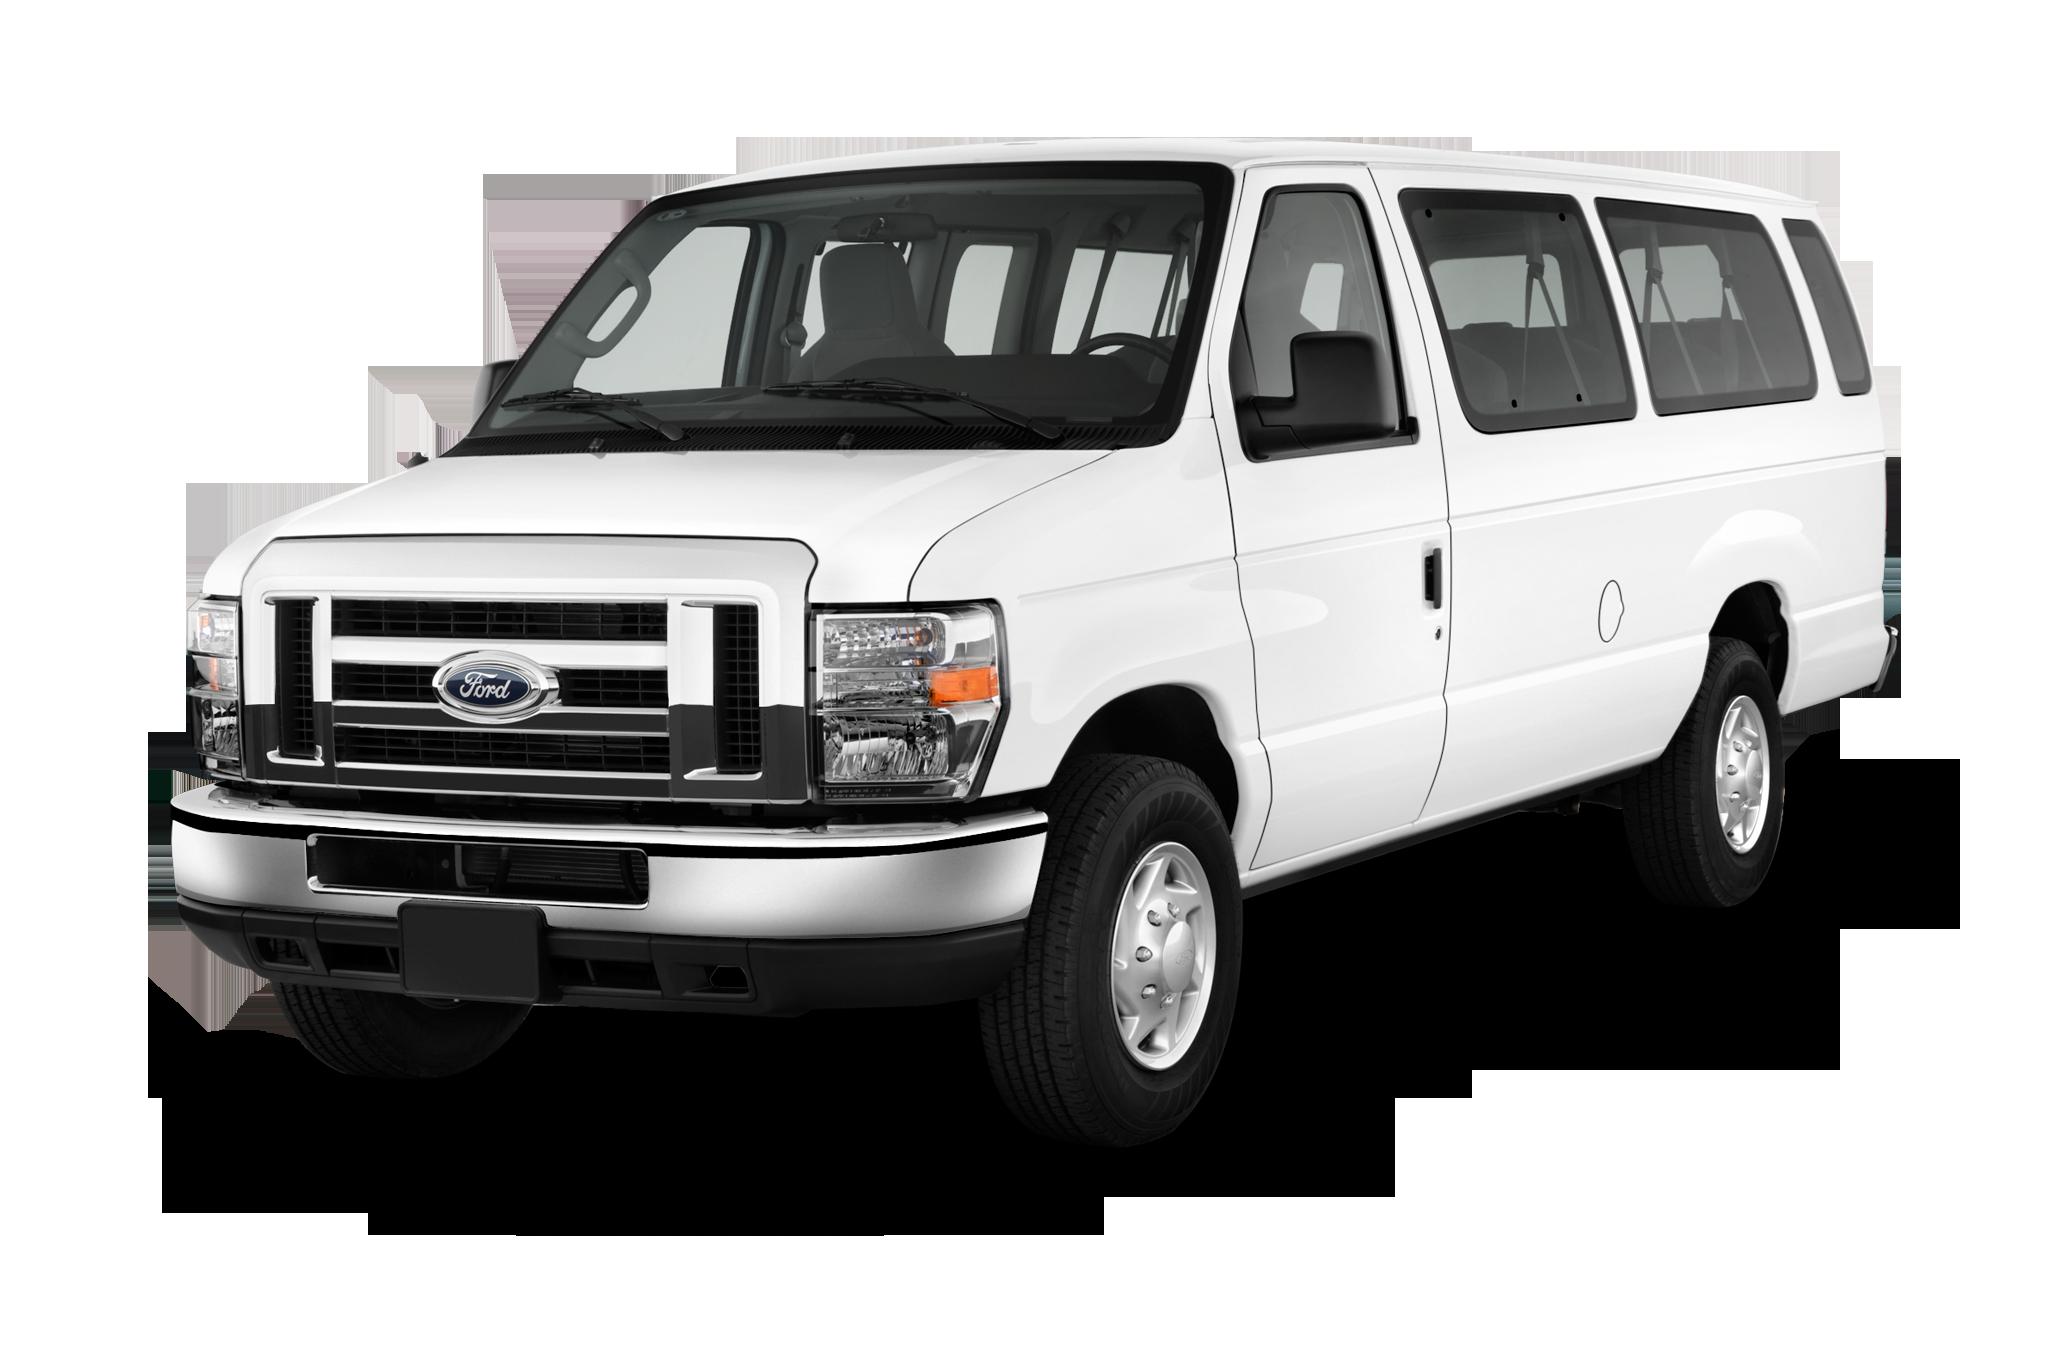 2014 Ford E-350 Reviews and Rating  dda2b9e85